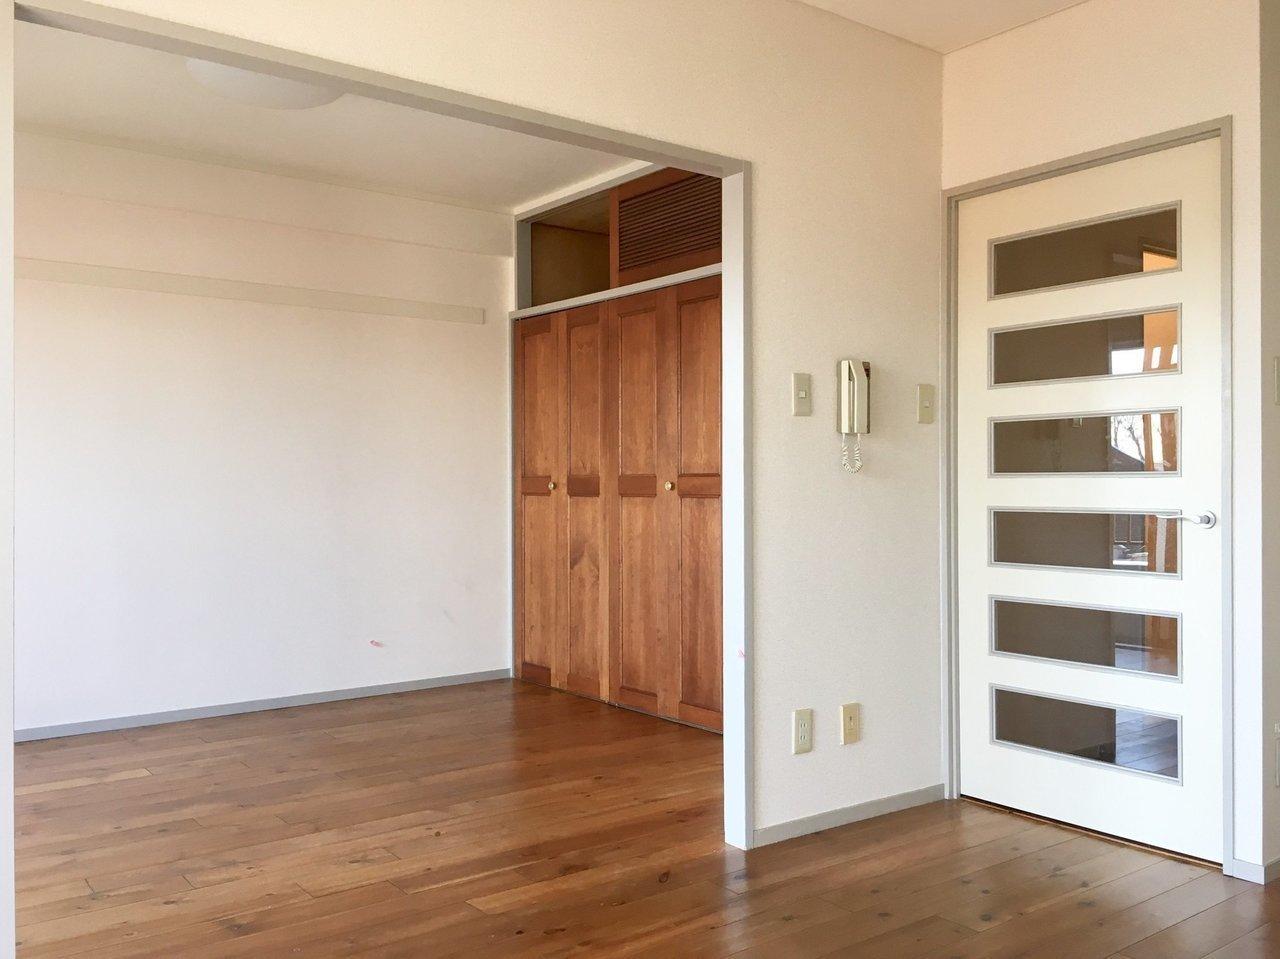 床はいい具合に経年変化した深みのある色に。クローゼットの扉も木材。ヴィンテージ家具を合わせてもしっくりきそうですね。